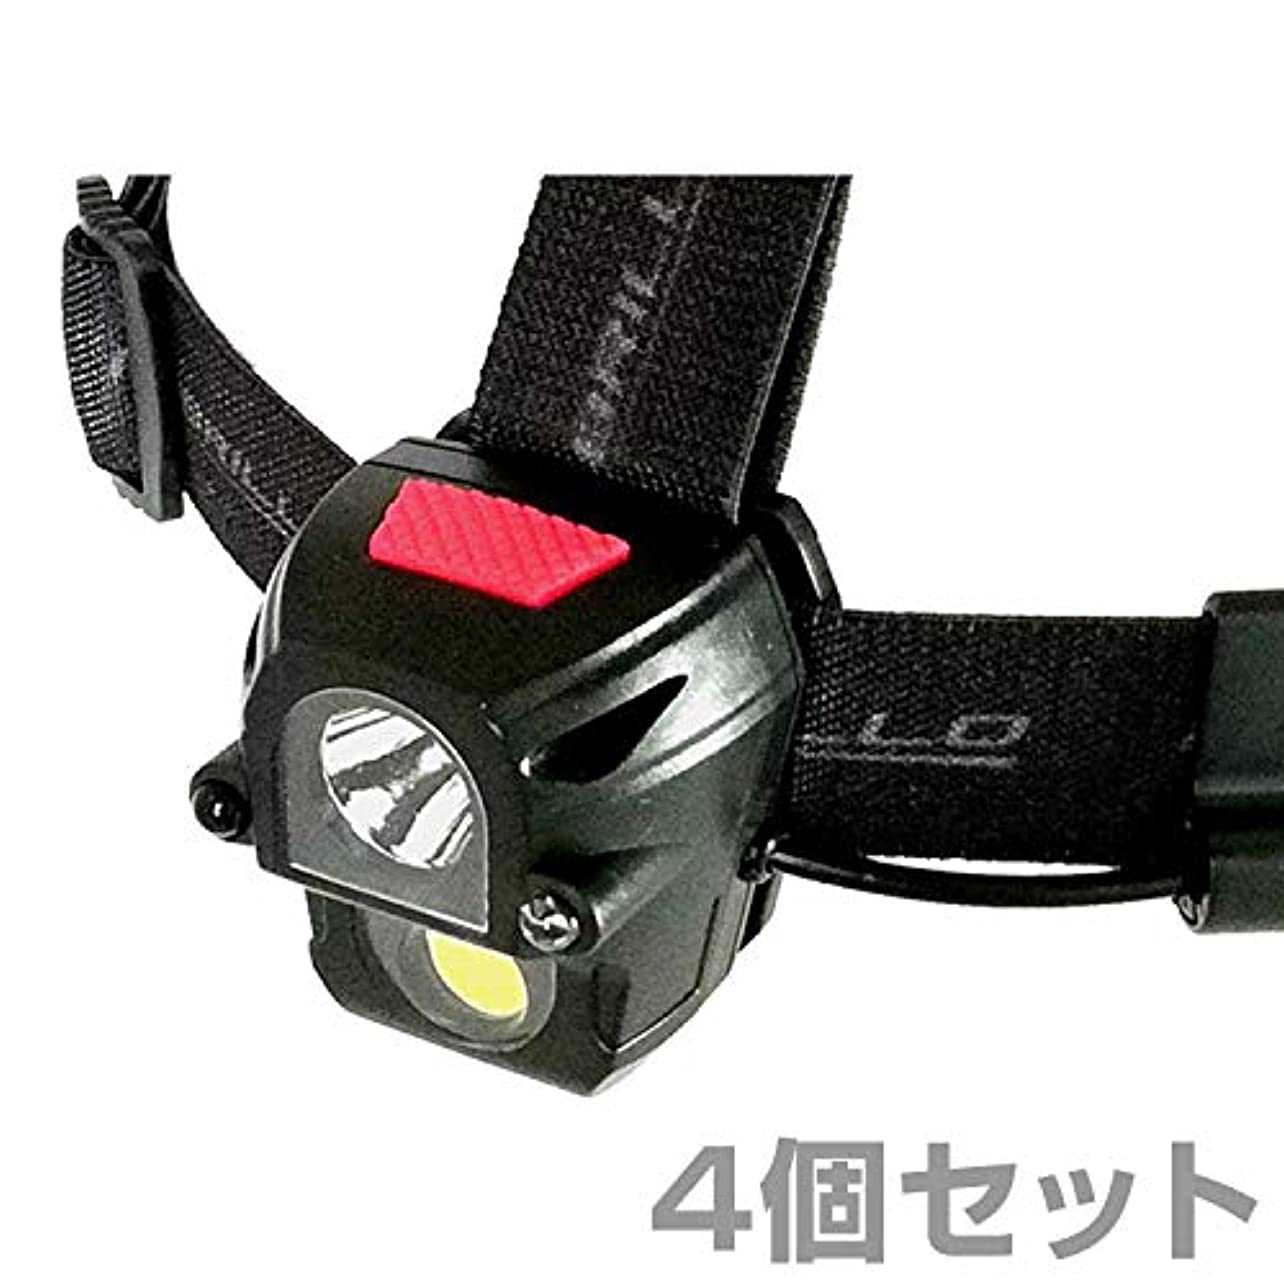 意義ハウジング抵抗力があるモブリロ(MOBRILLO) ヘッドライト 充電式 防塵防水仕様 160ルーメン モーションセンサー付属 4個セット MB-R270WS*4